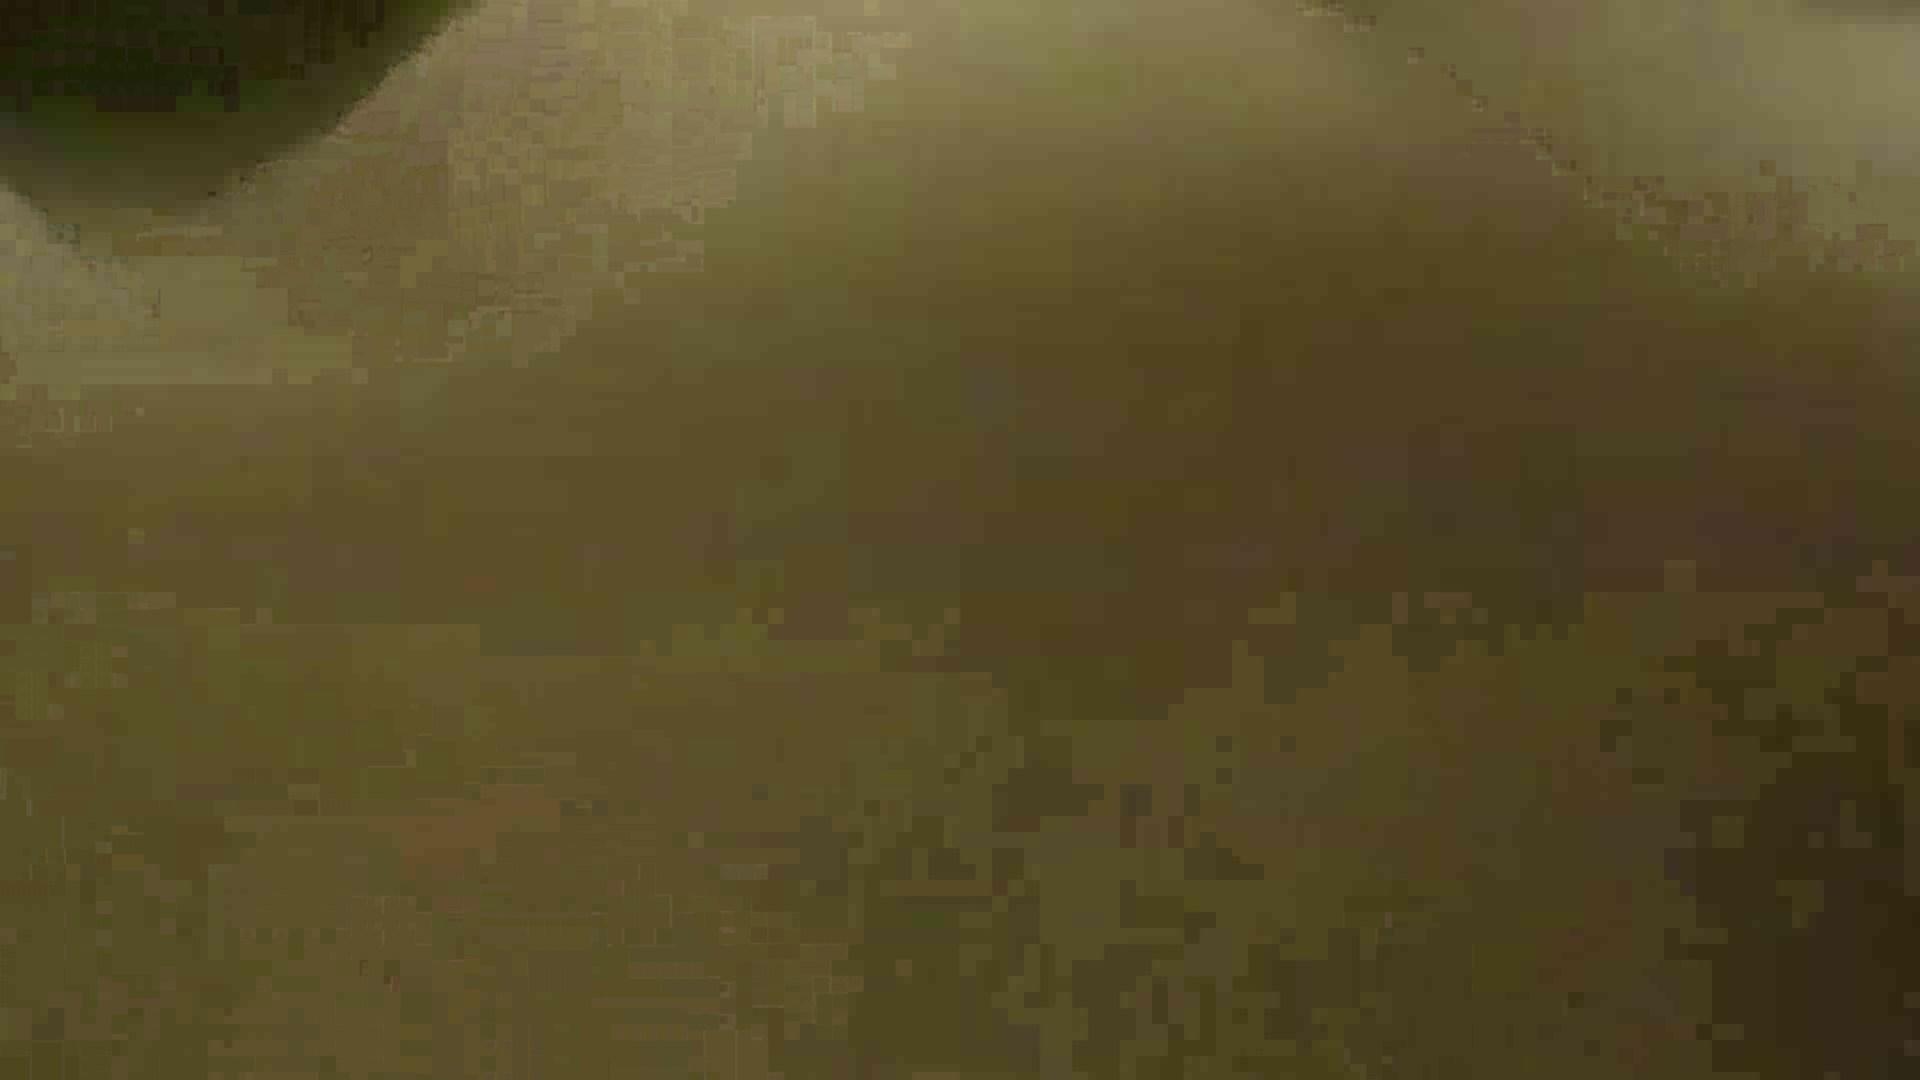 最愛の妻 TAKAKO 愛のSEX Vol.01 SEX | OLのエッチ  111pic 45